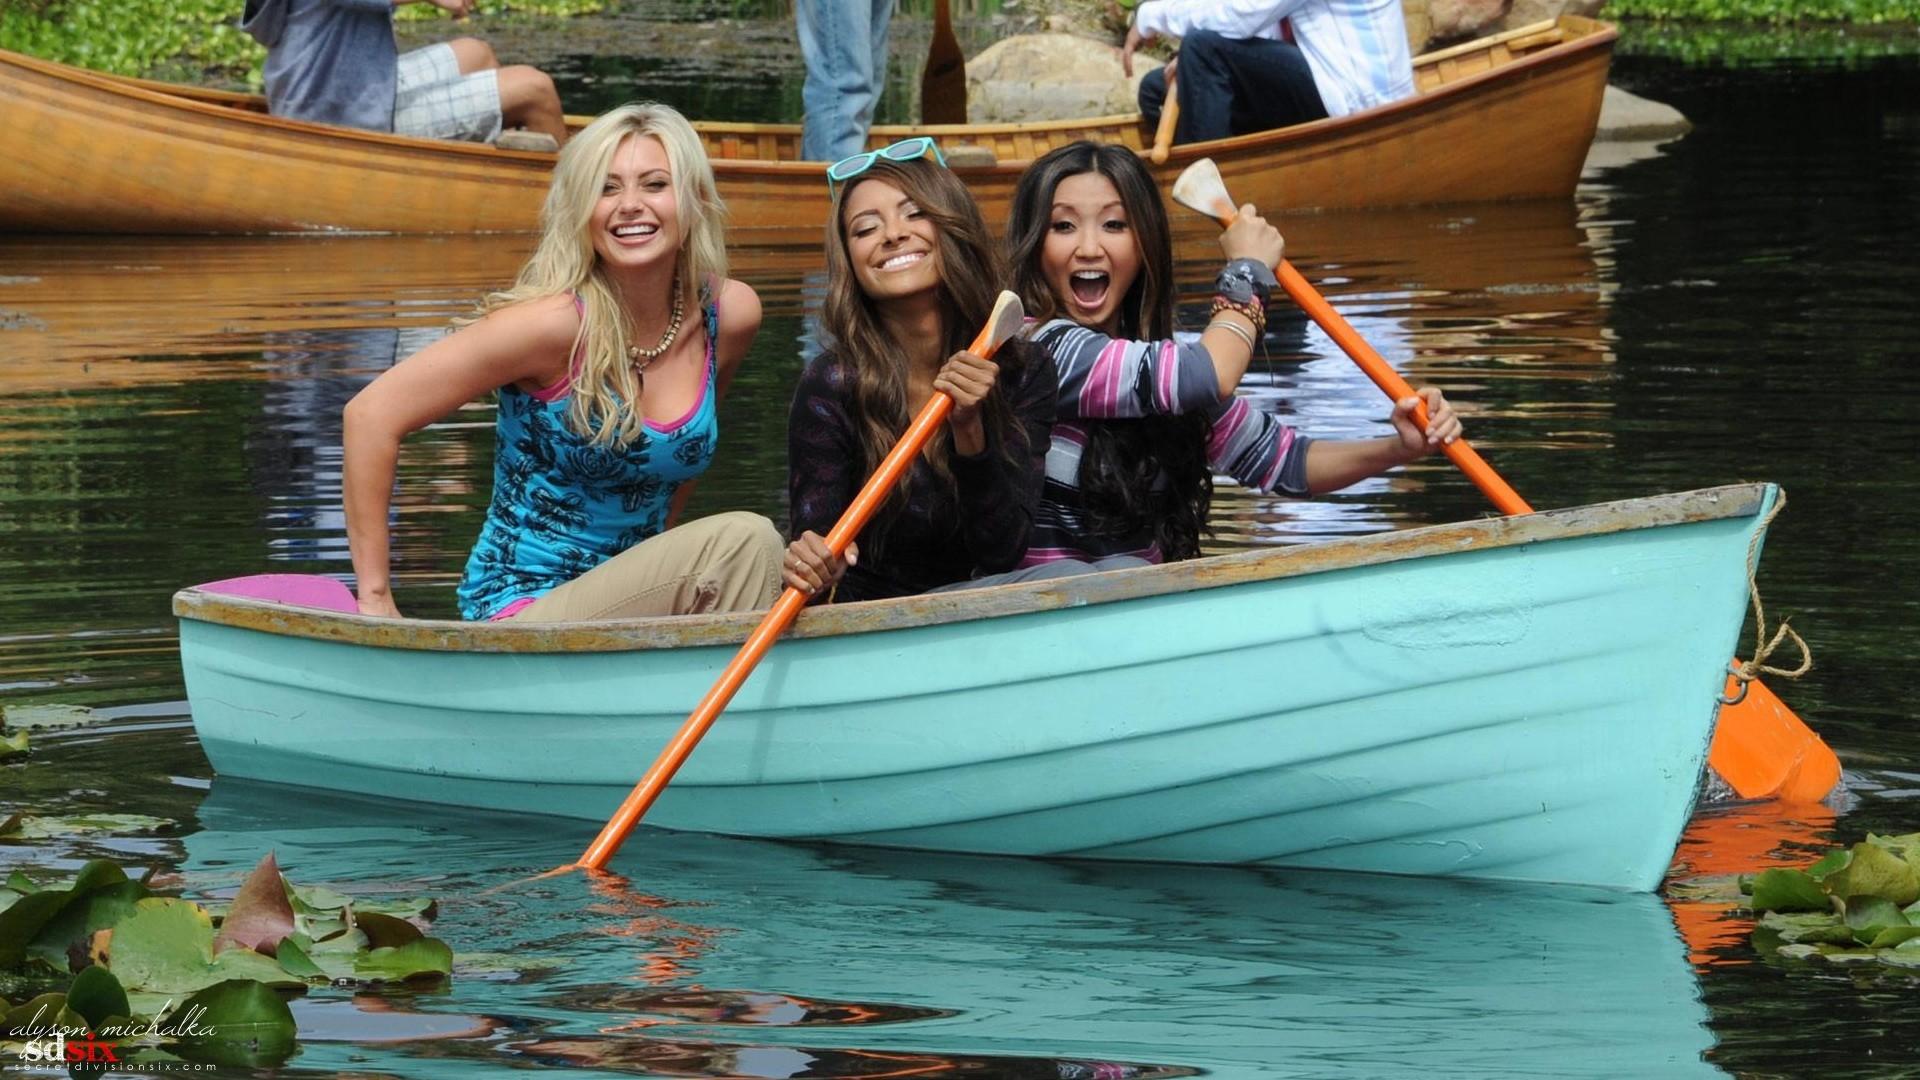 Лодка с людьми картинки